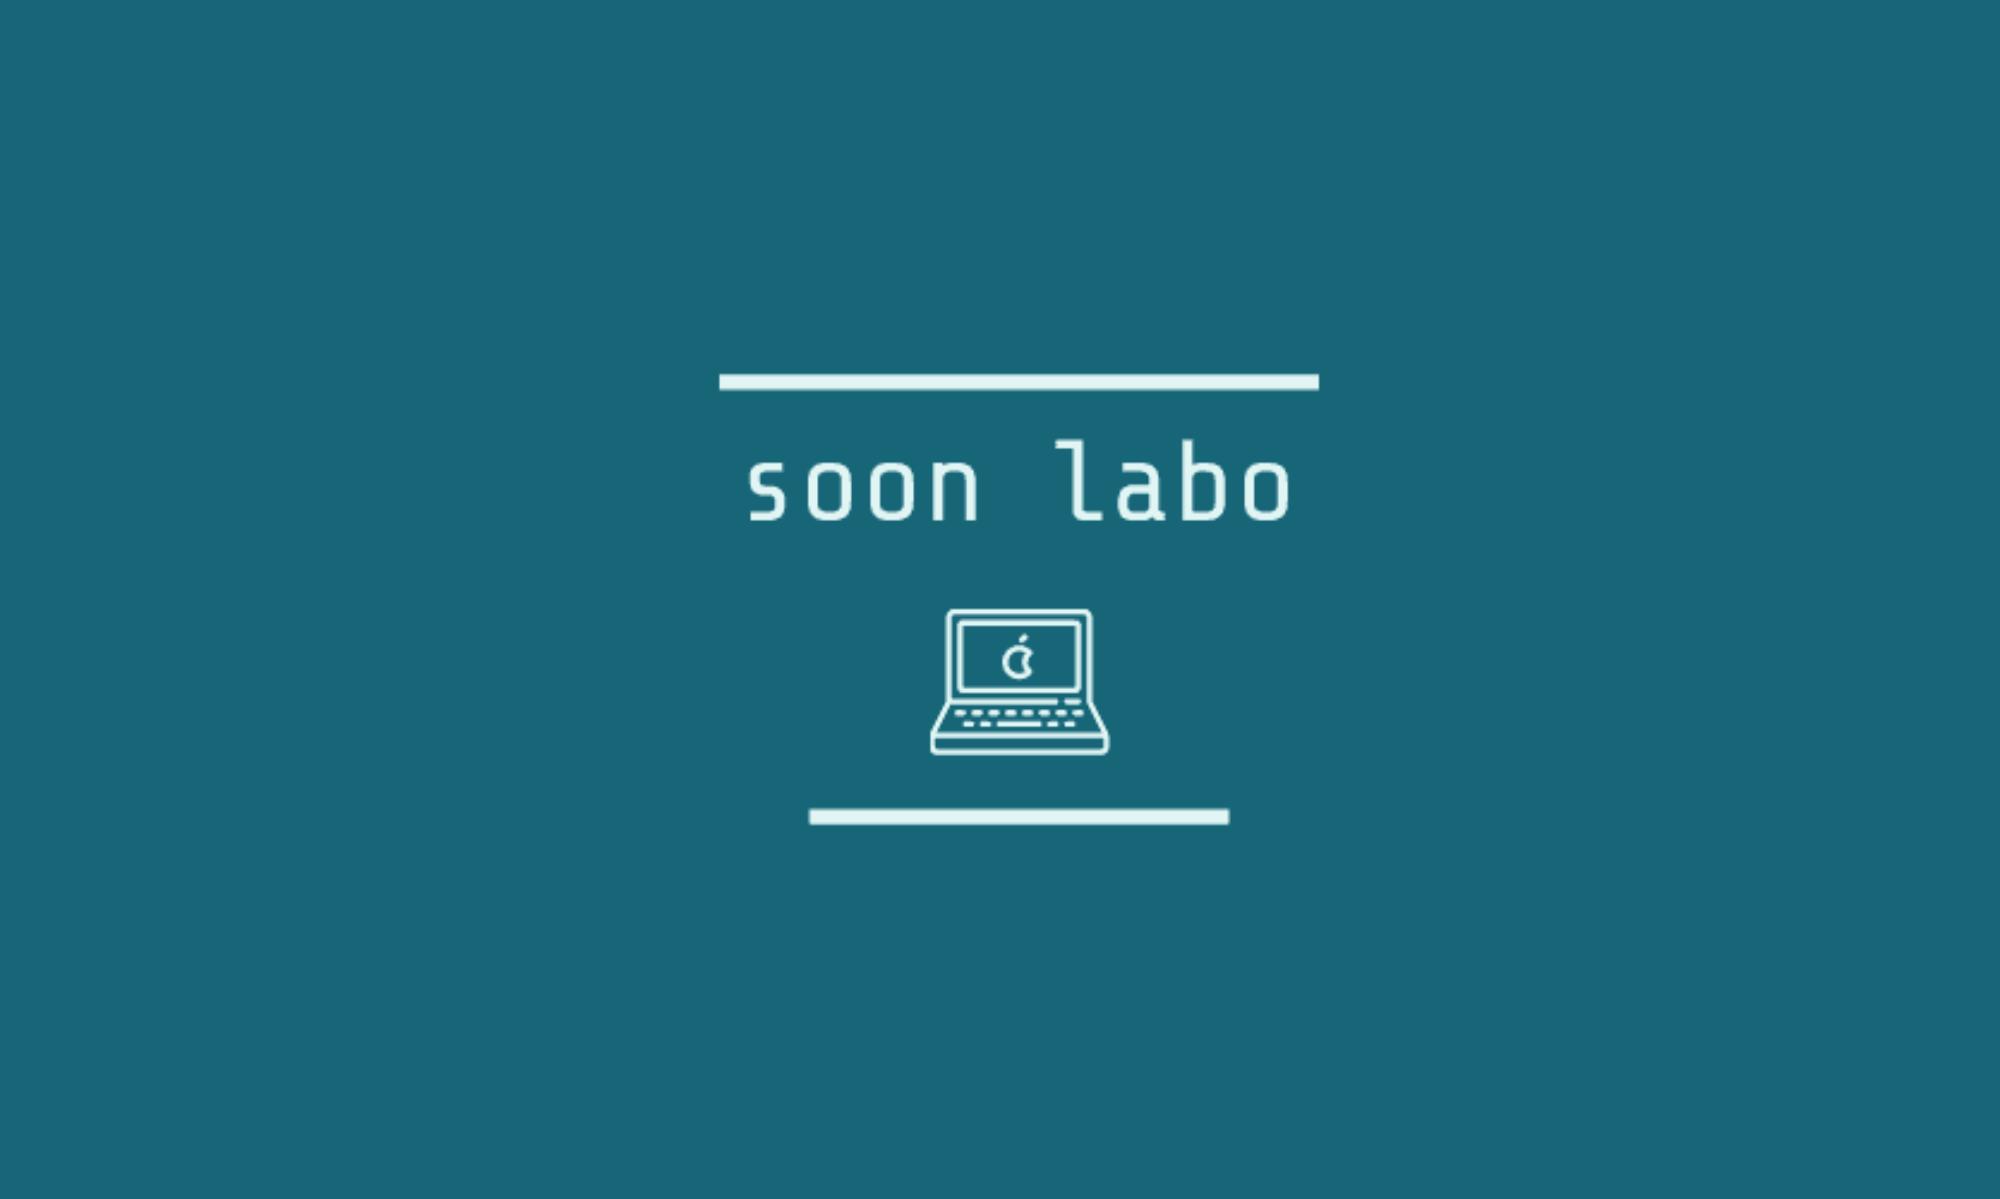 soon labo